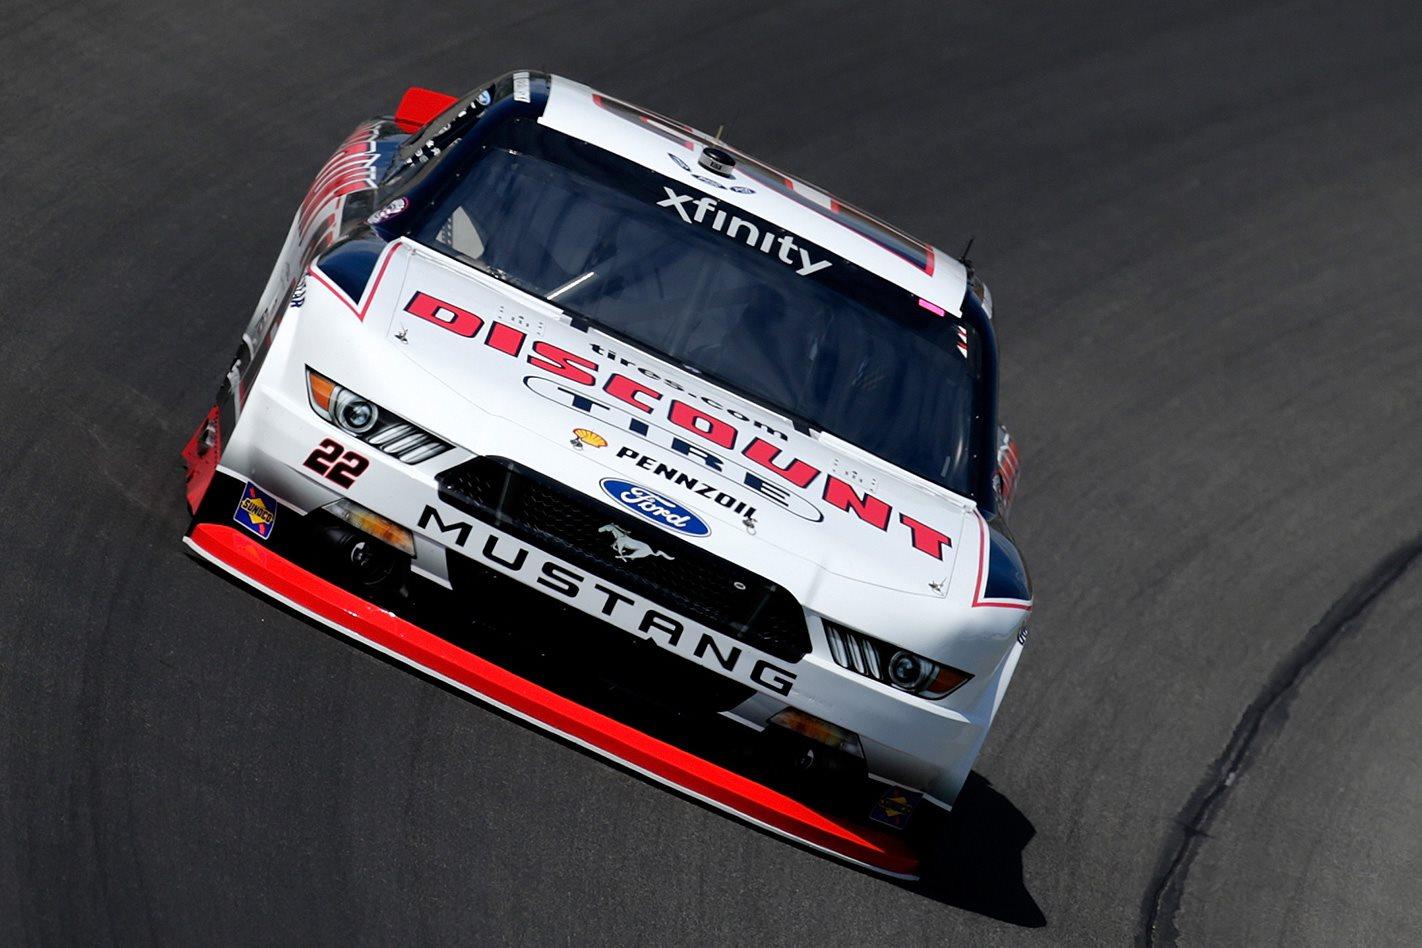 DJR Team Penske NASCAR Ford Mustang